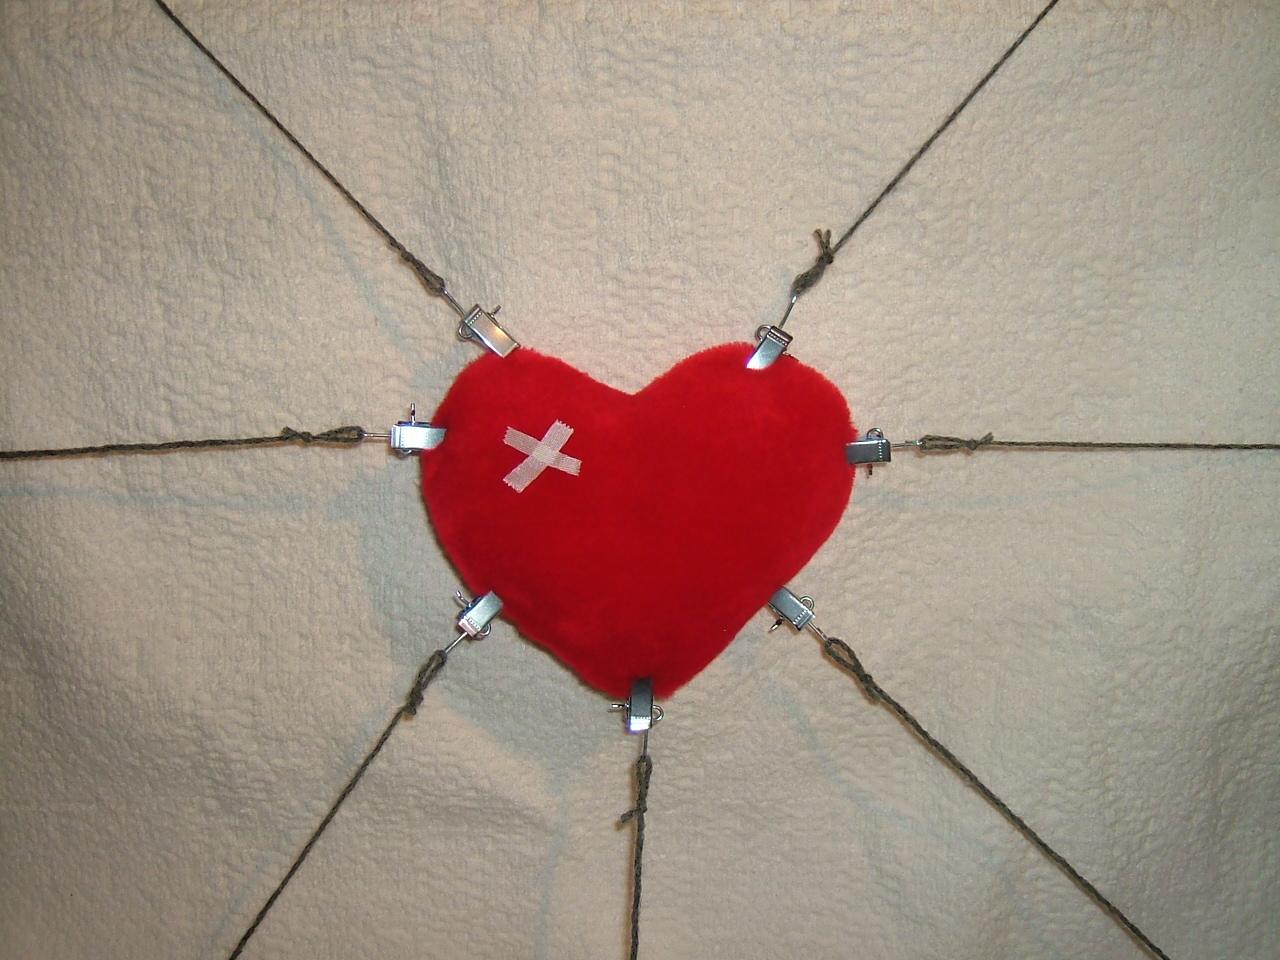 Heart - Torn apart